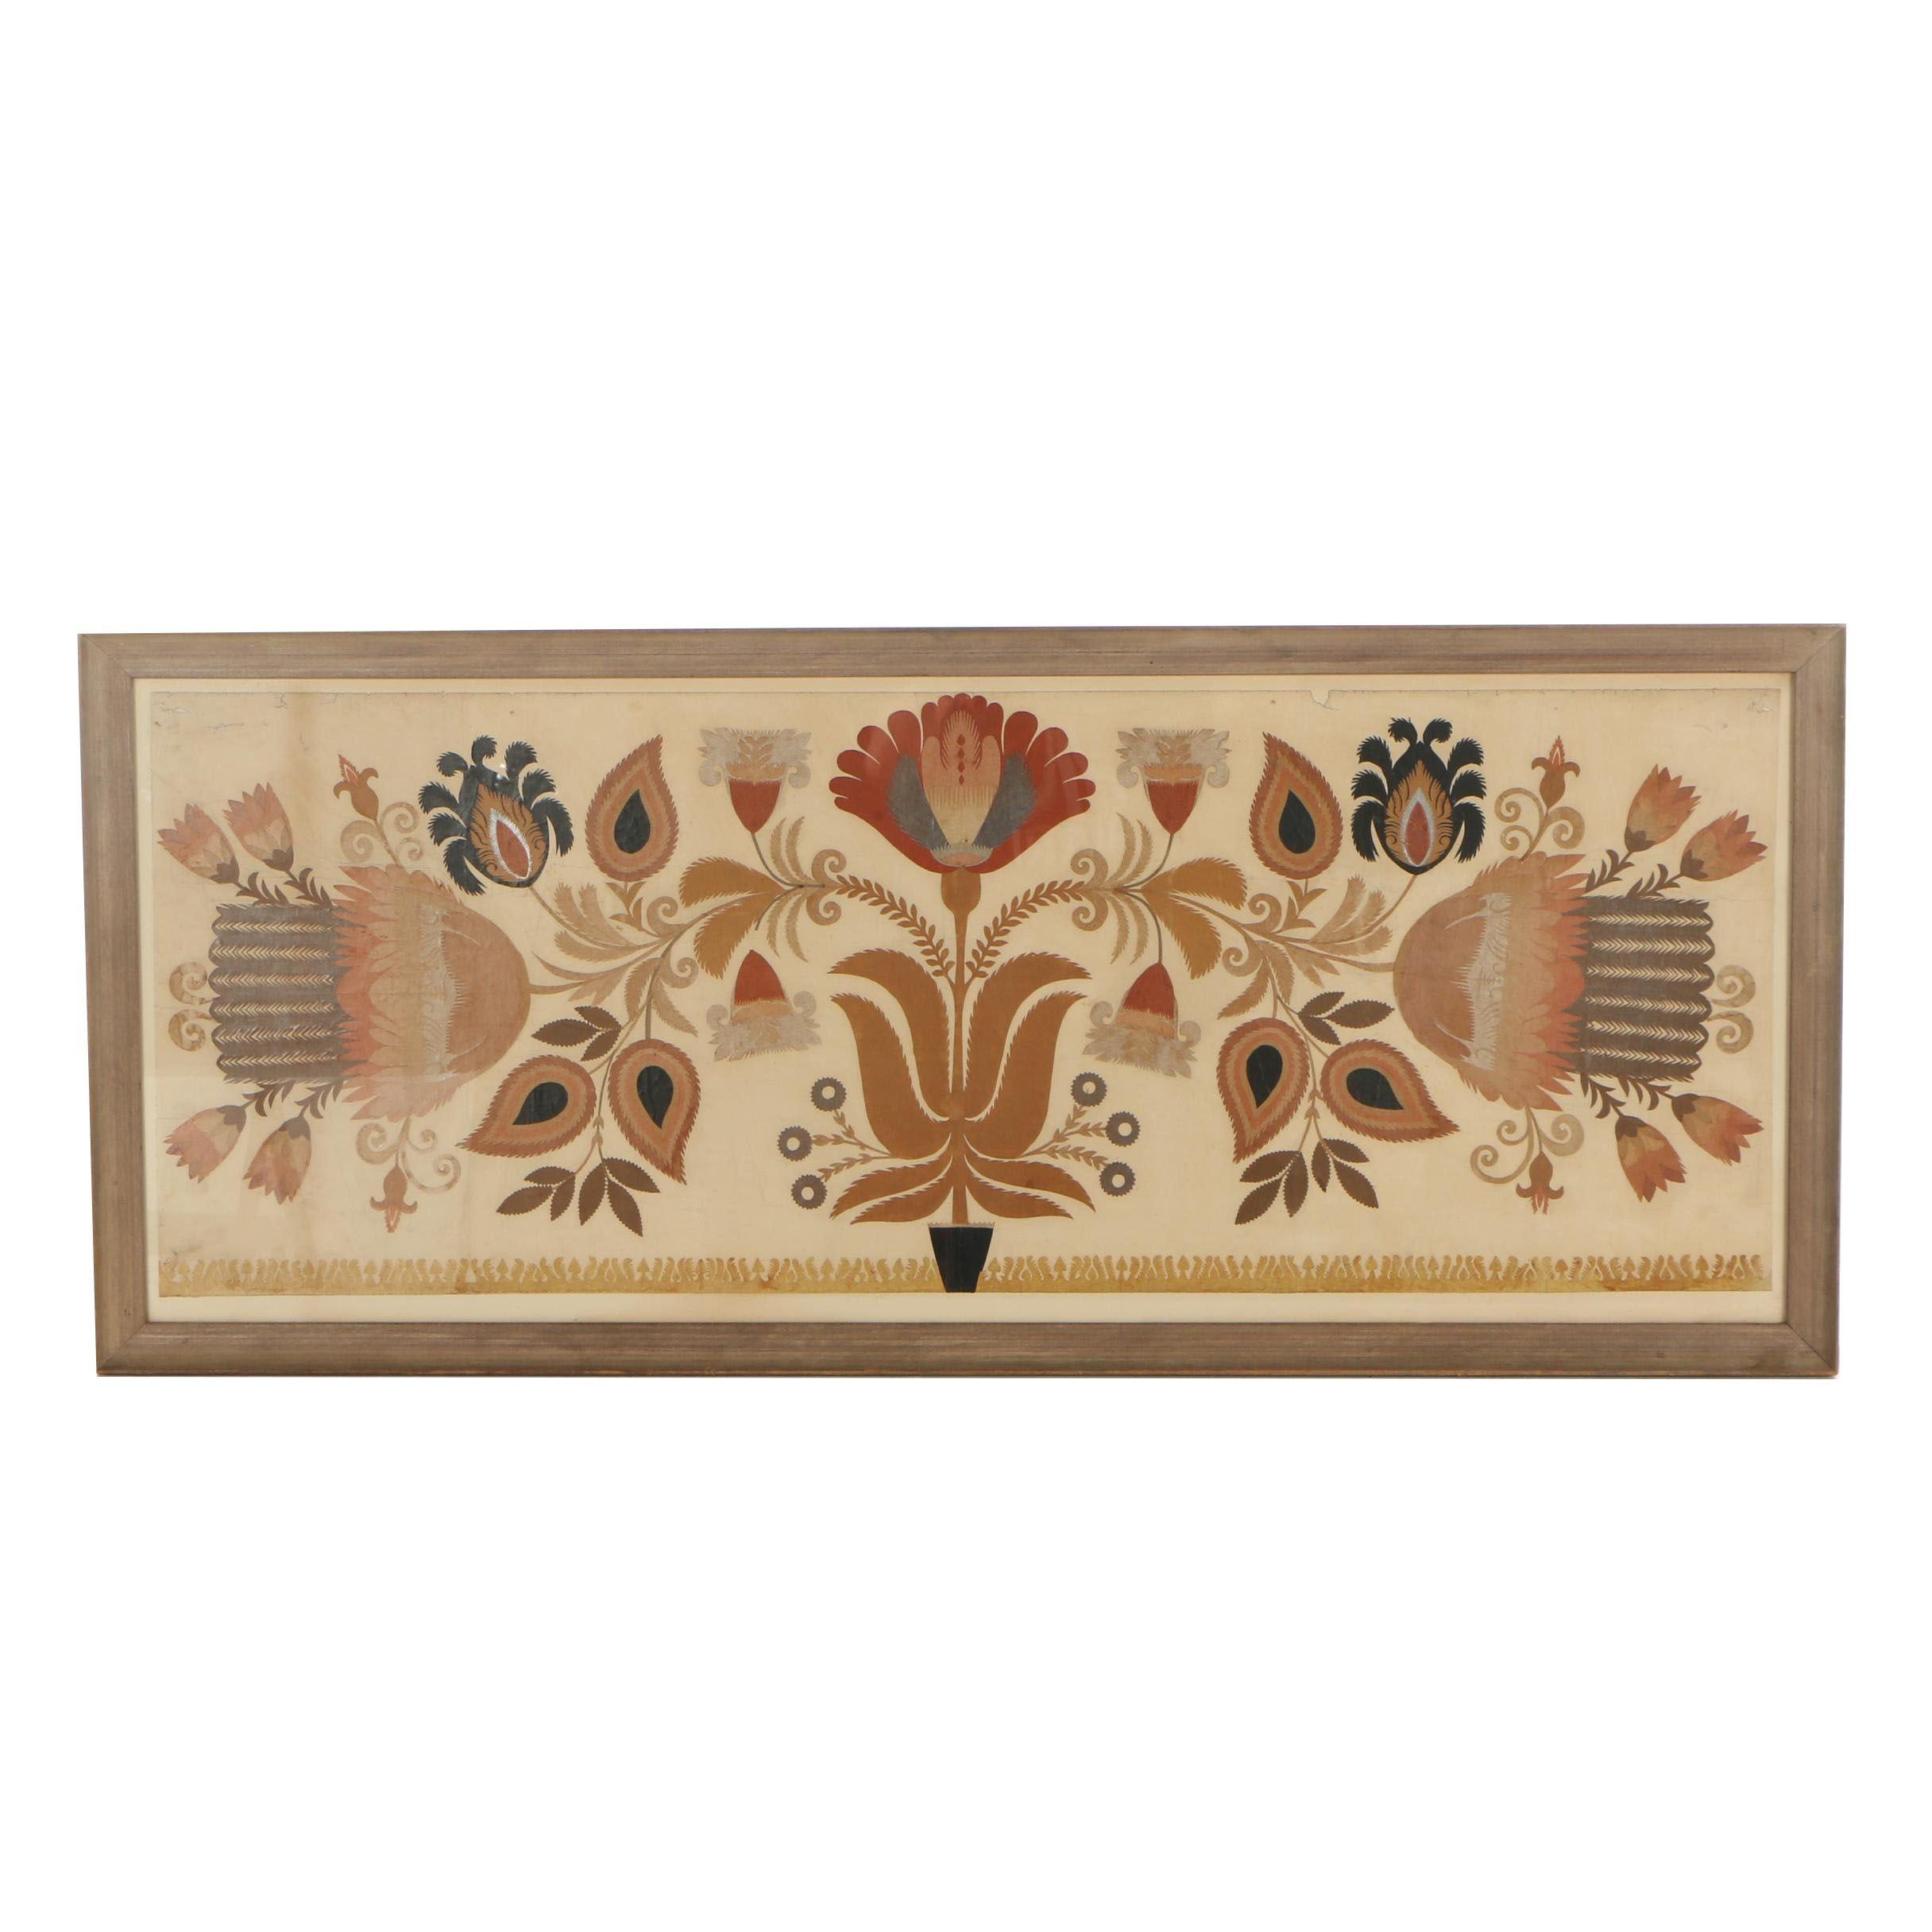 Mid 20th Century Scherenschnitte Floral Composition